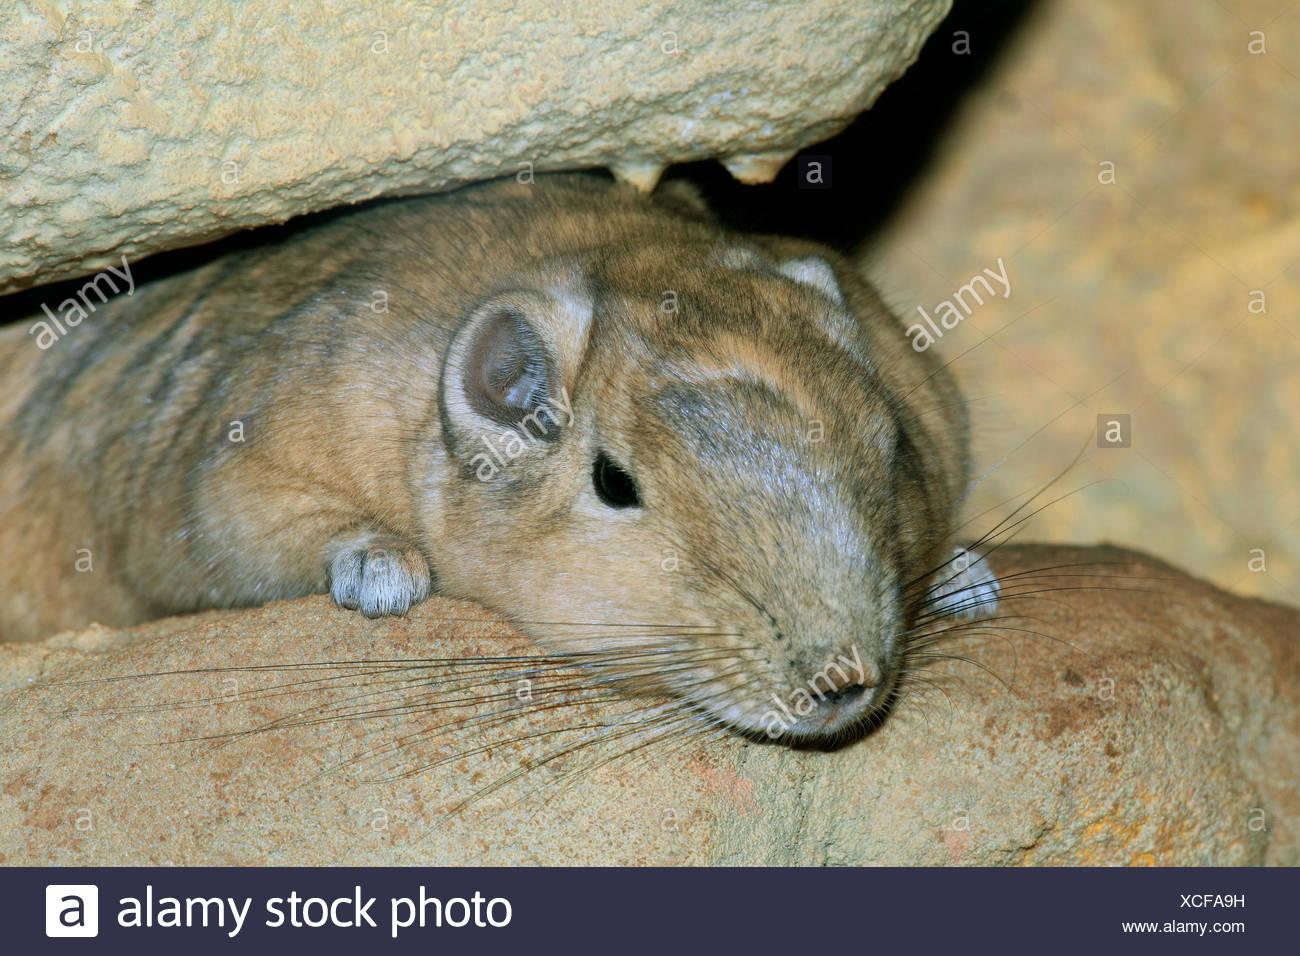 gundi (Ctenodactylus gundi), between rocks - Stock Image